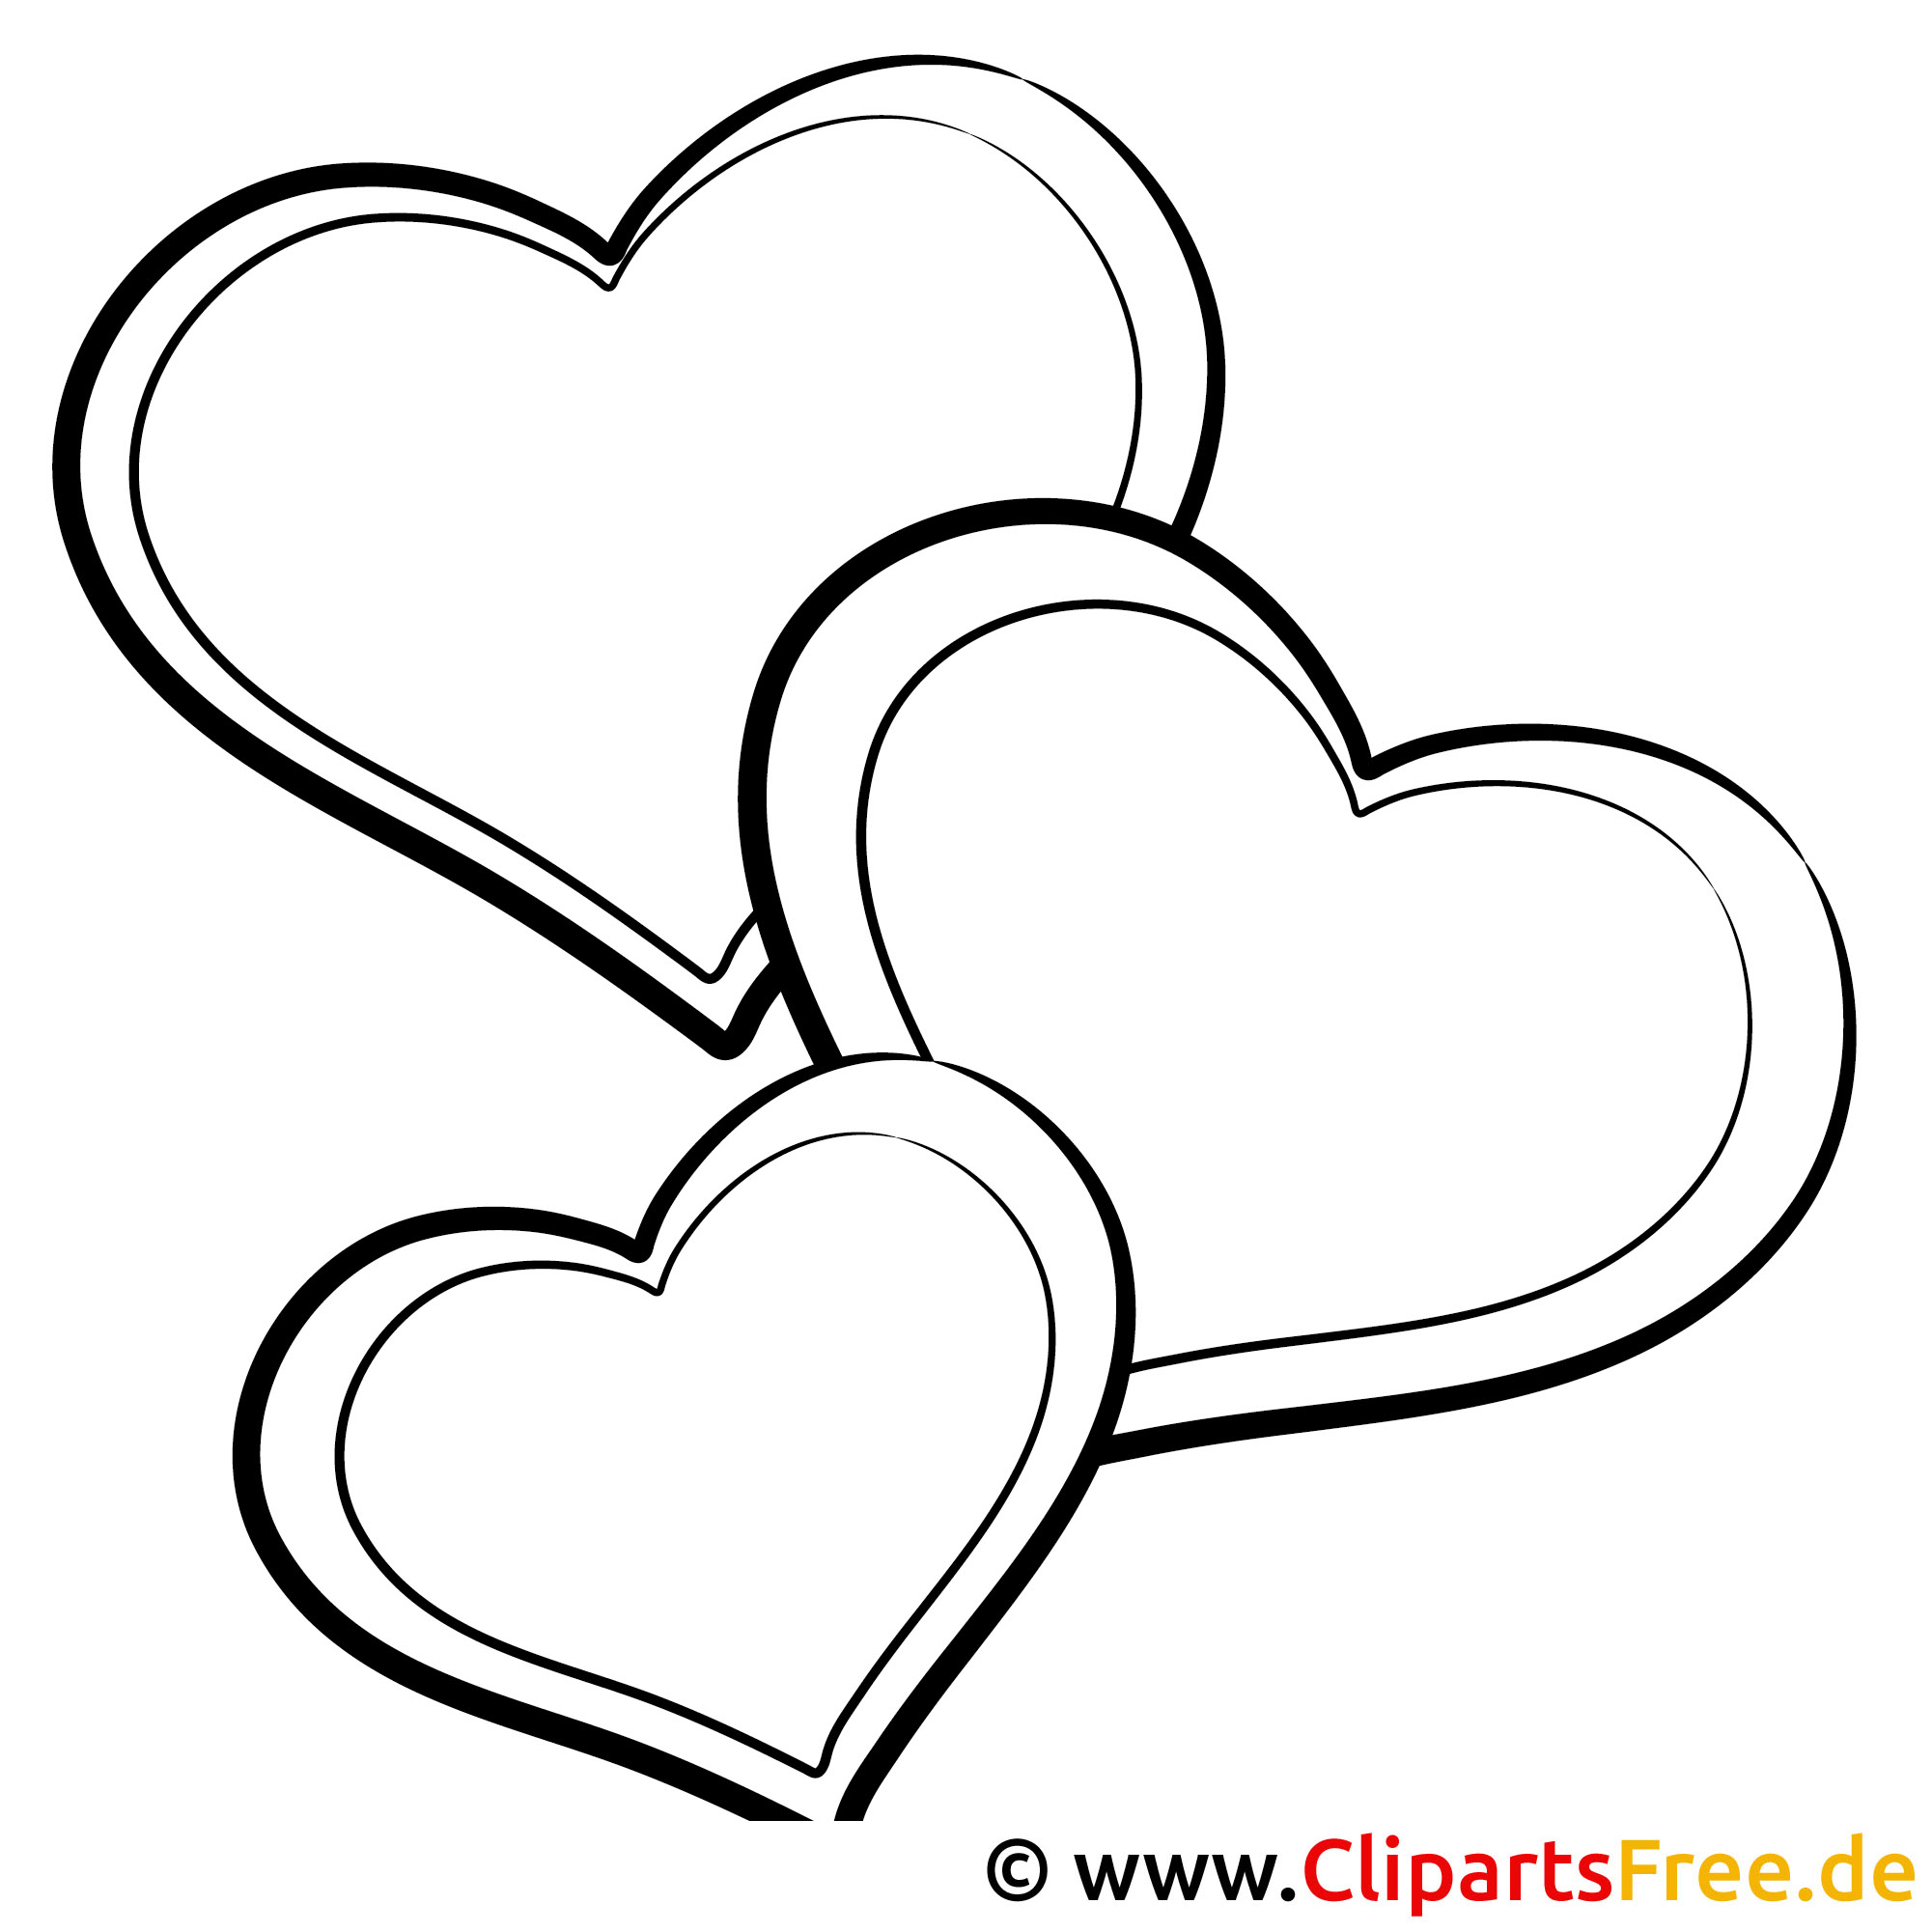 Herz Bild zum Ausmalen